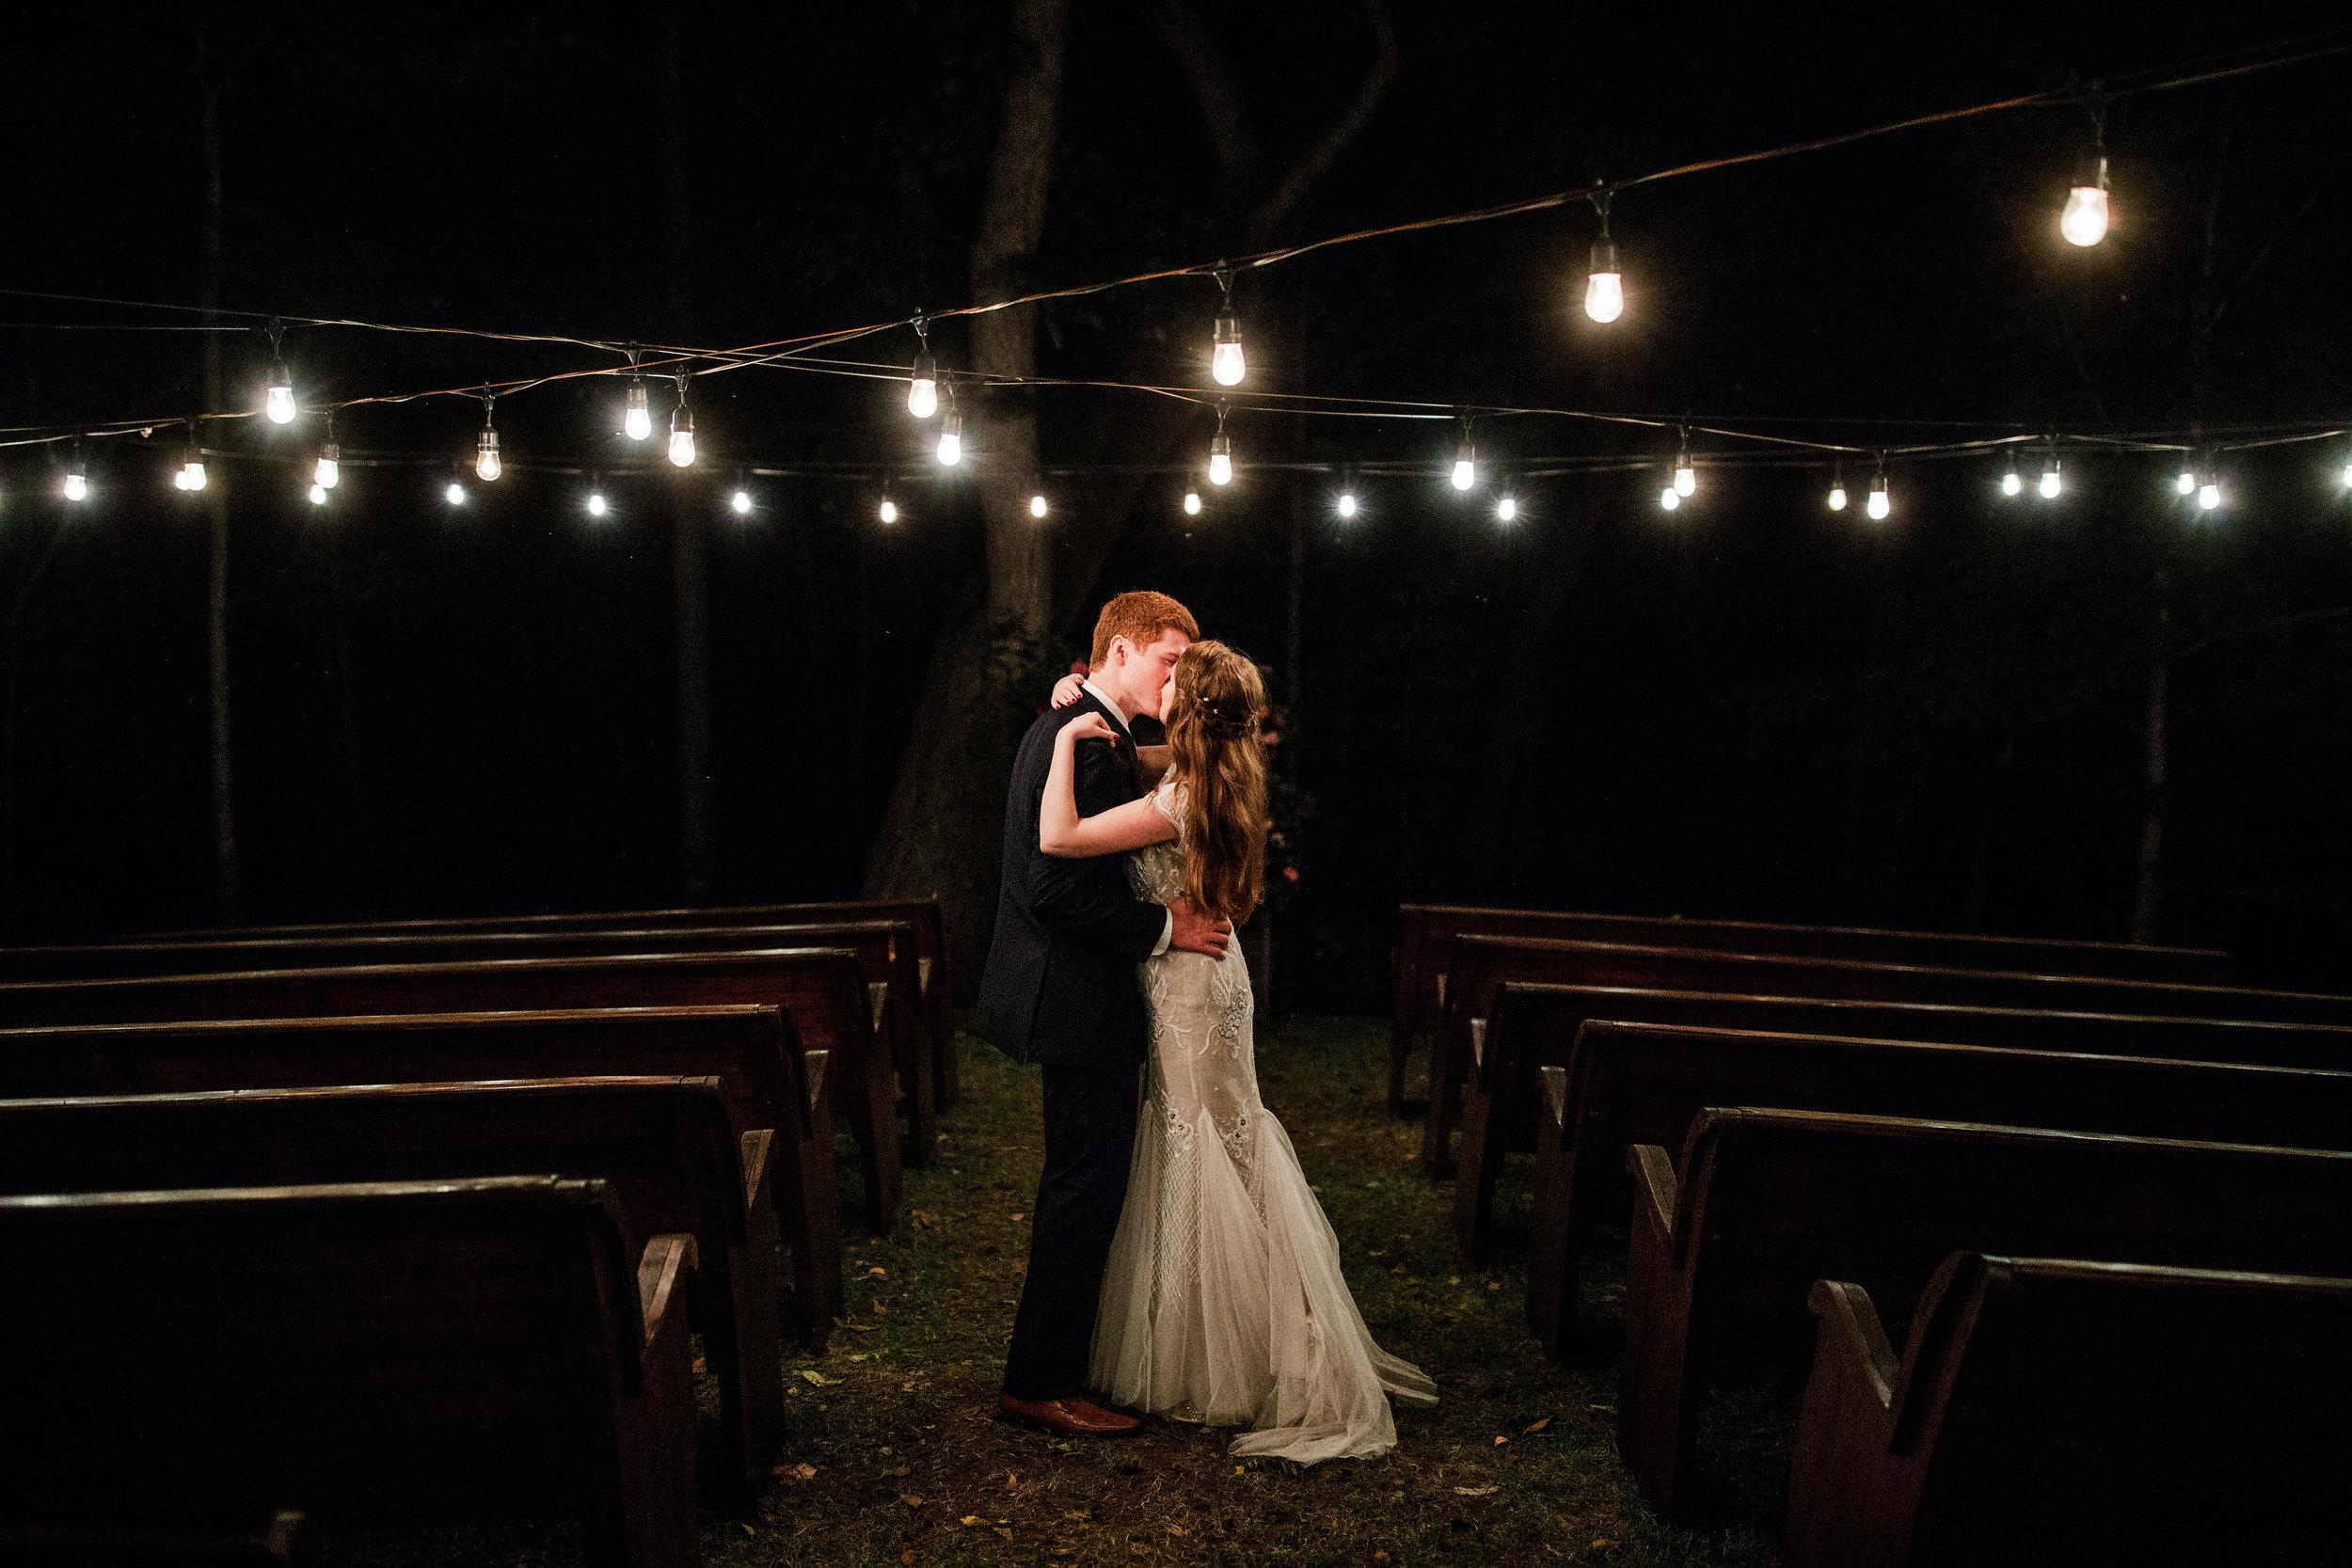 Wrens-Nest-Wedding-Murfreesboro-TN 56.jpg